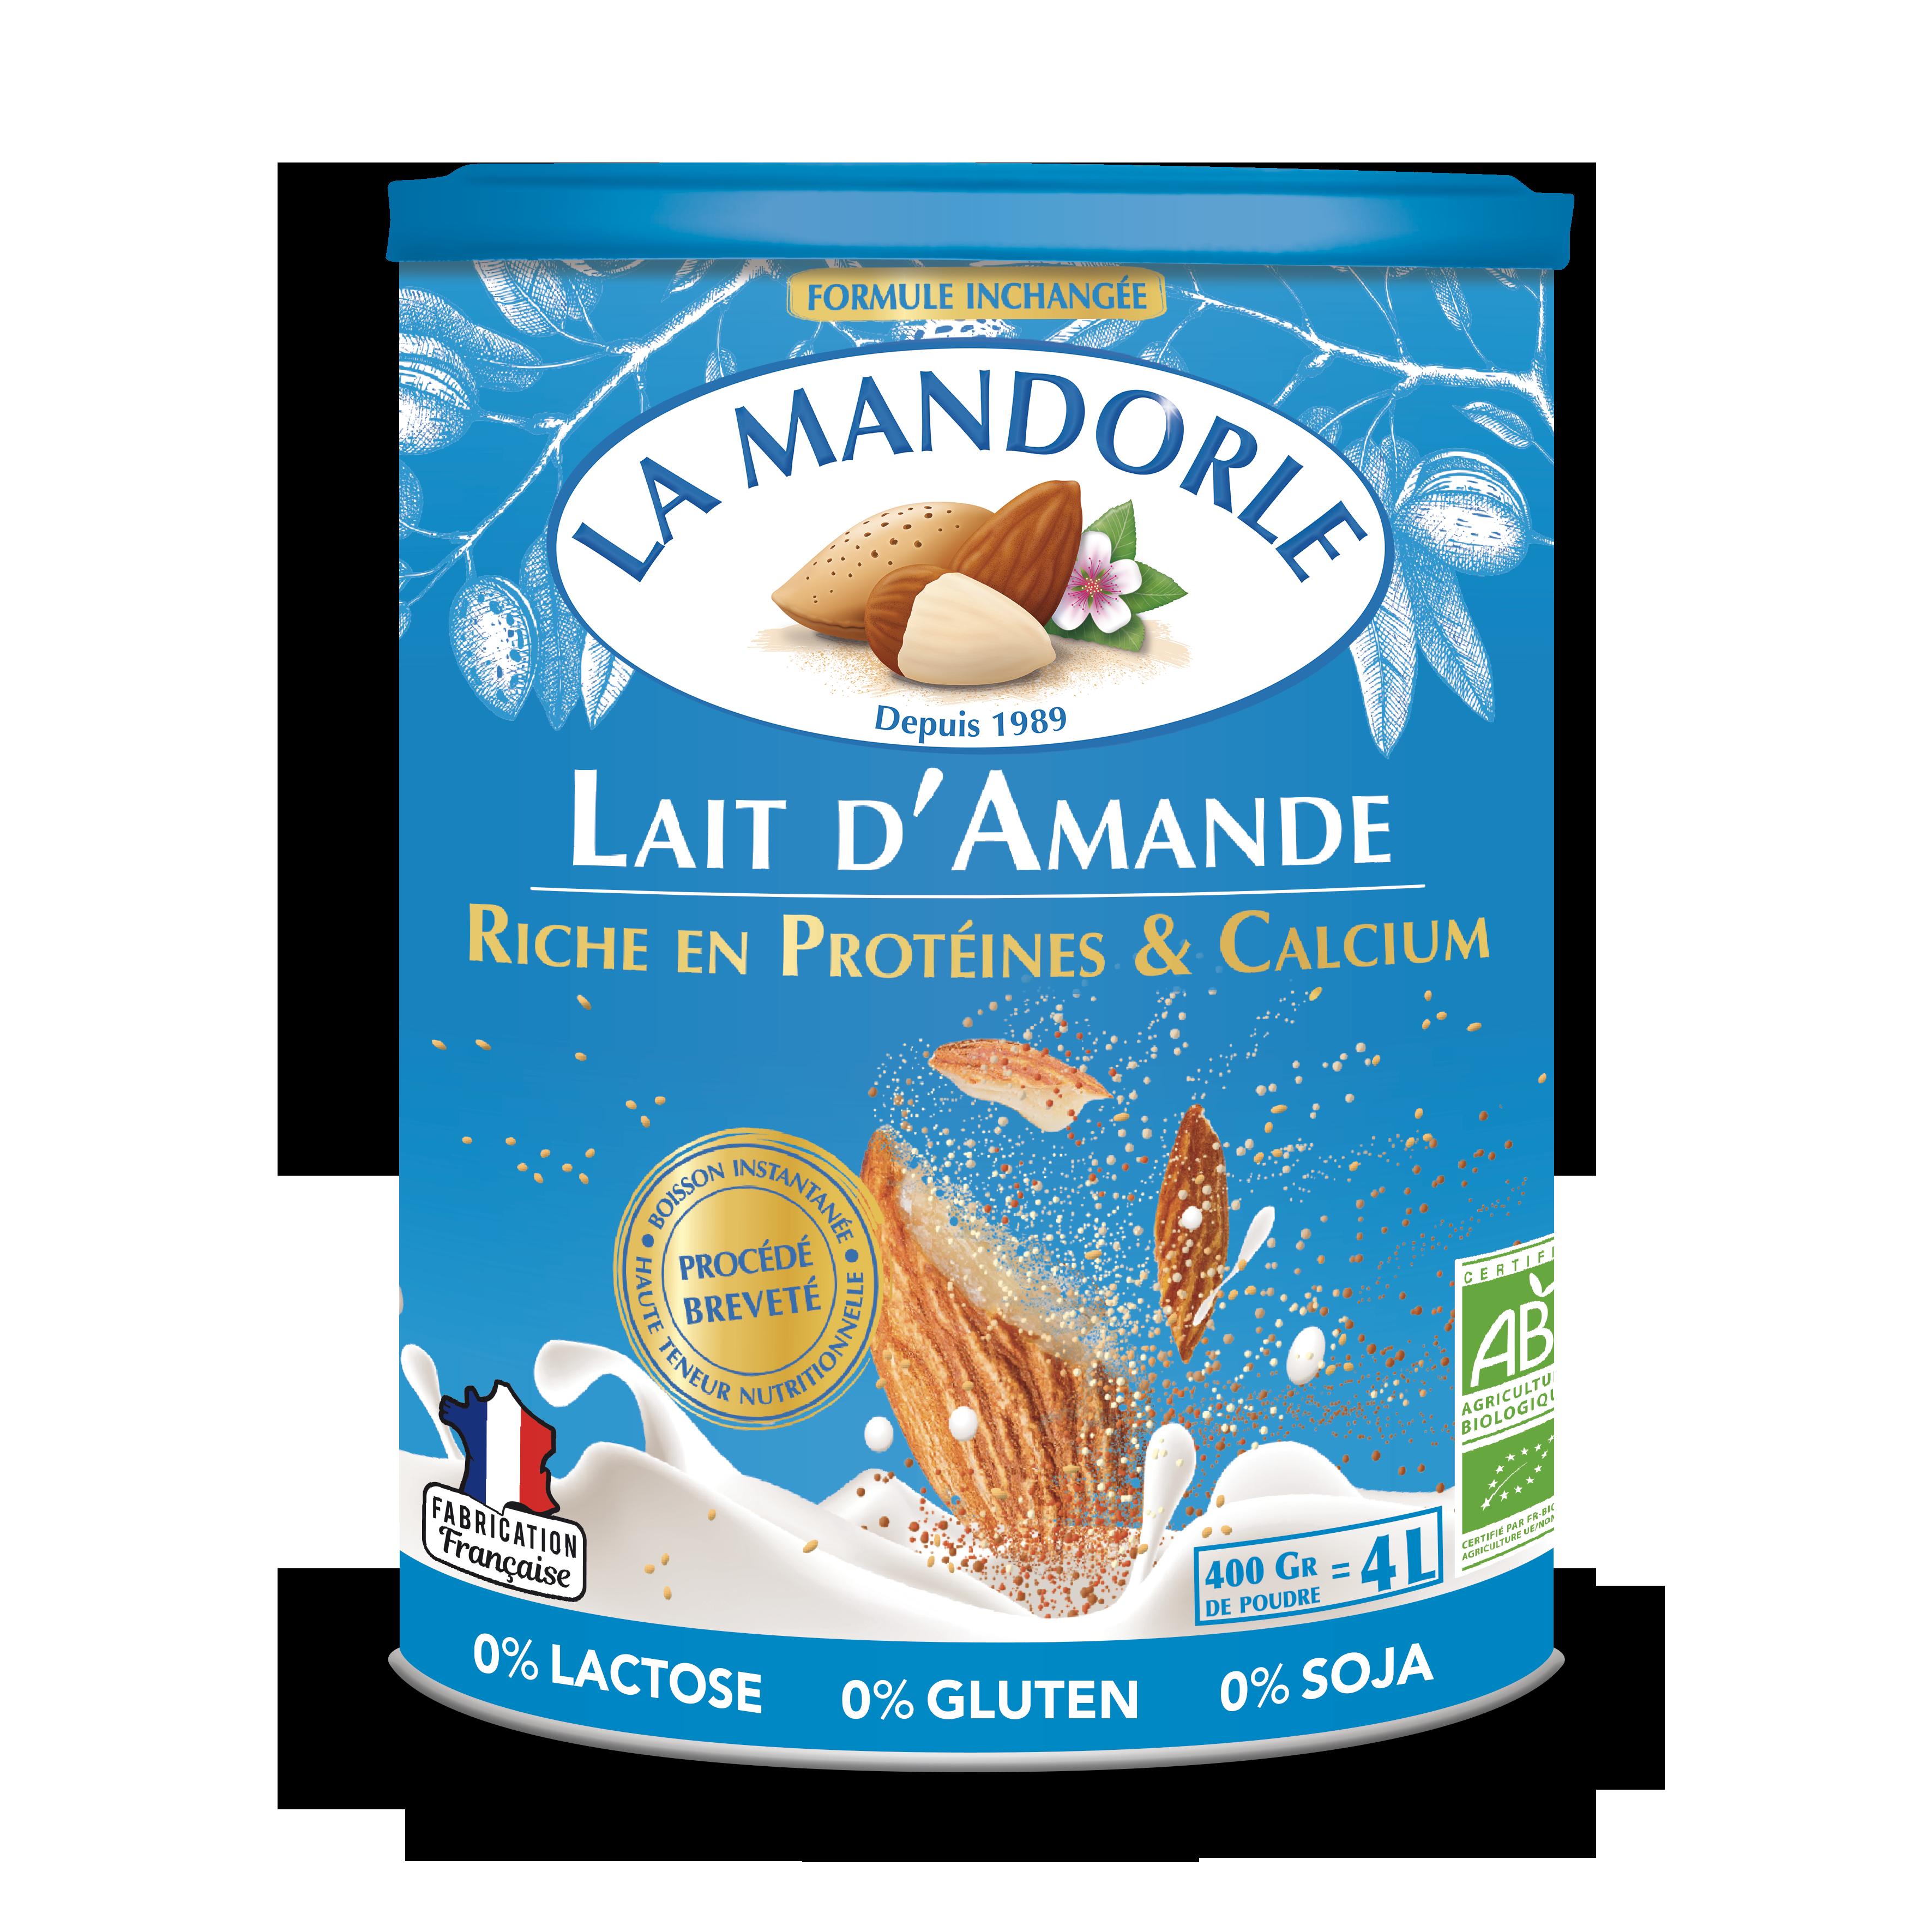 LM FDA 3D CAPBLEU HD - La Mandorle, des plaisirs santé, nutritifs et savoureux à tous les repas